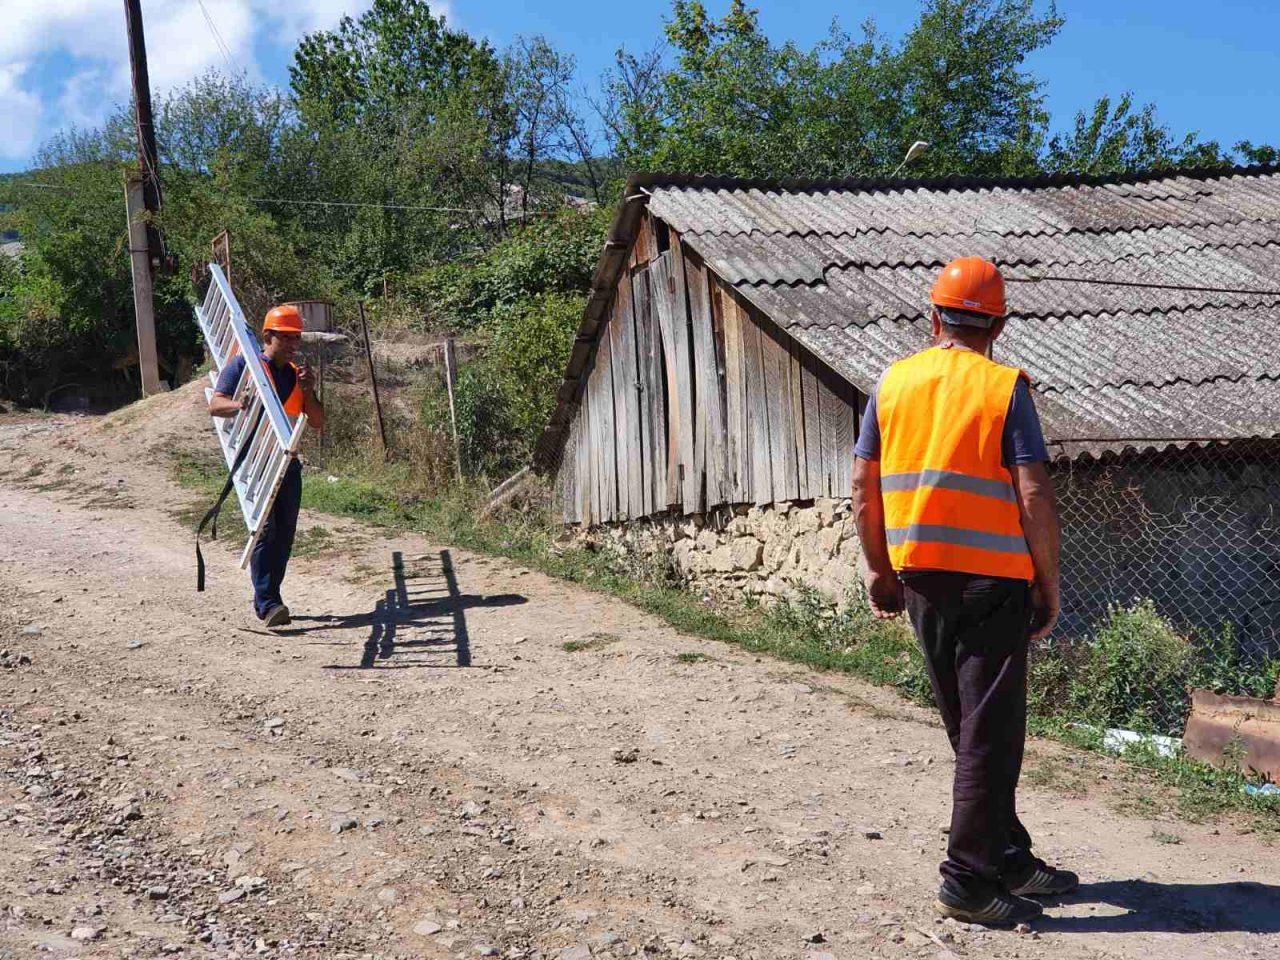 Վիվա-ՄՏՍ. Տավուշի սահմանապահ գյուղերը՝ գործընկերների ուշադրության կենտրոնում